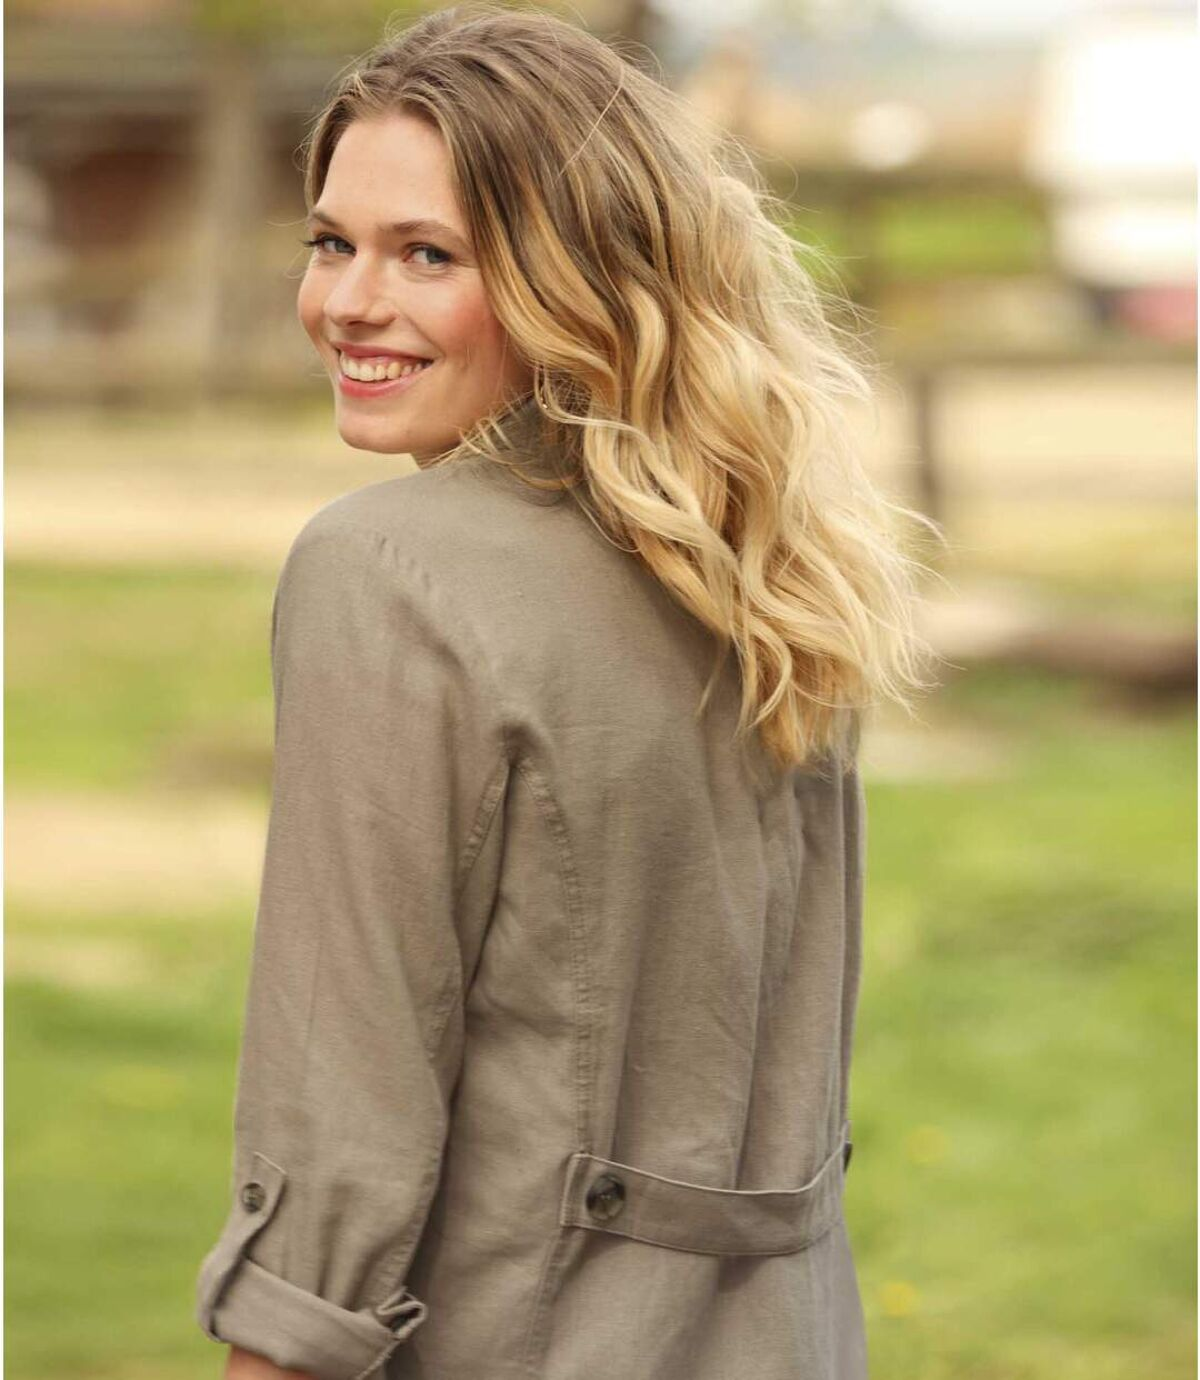 Women's Beige Summer Jacket in Linen and Viscose Atlas For Men